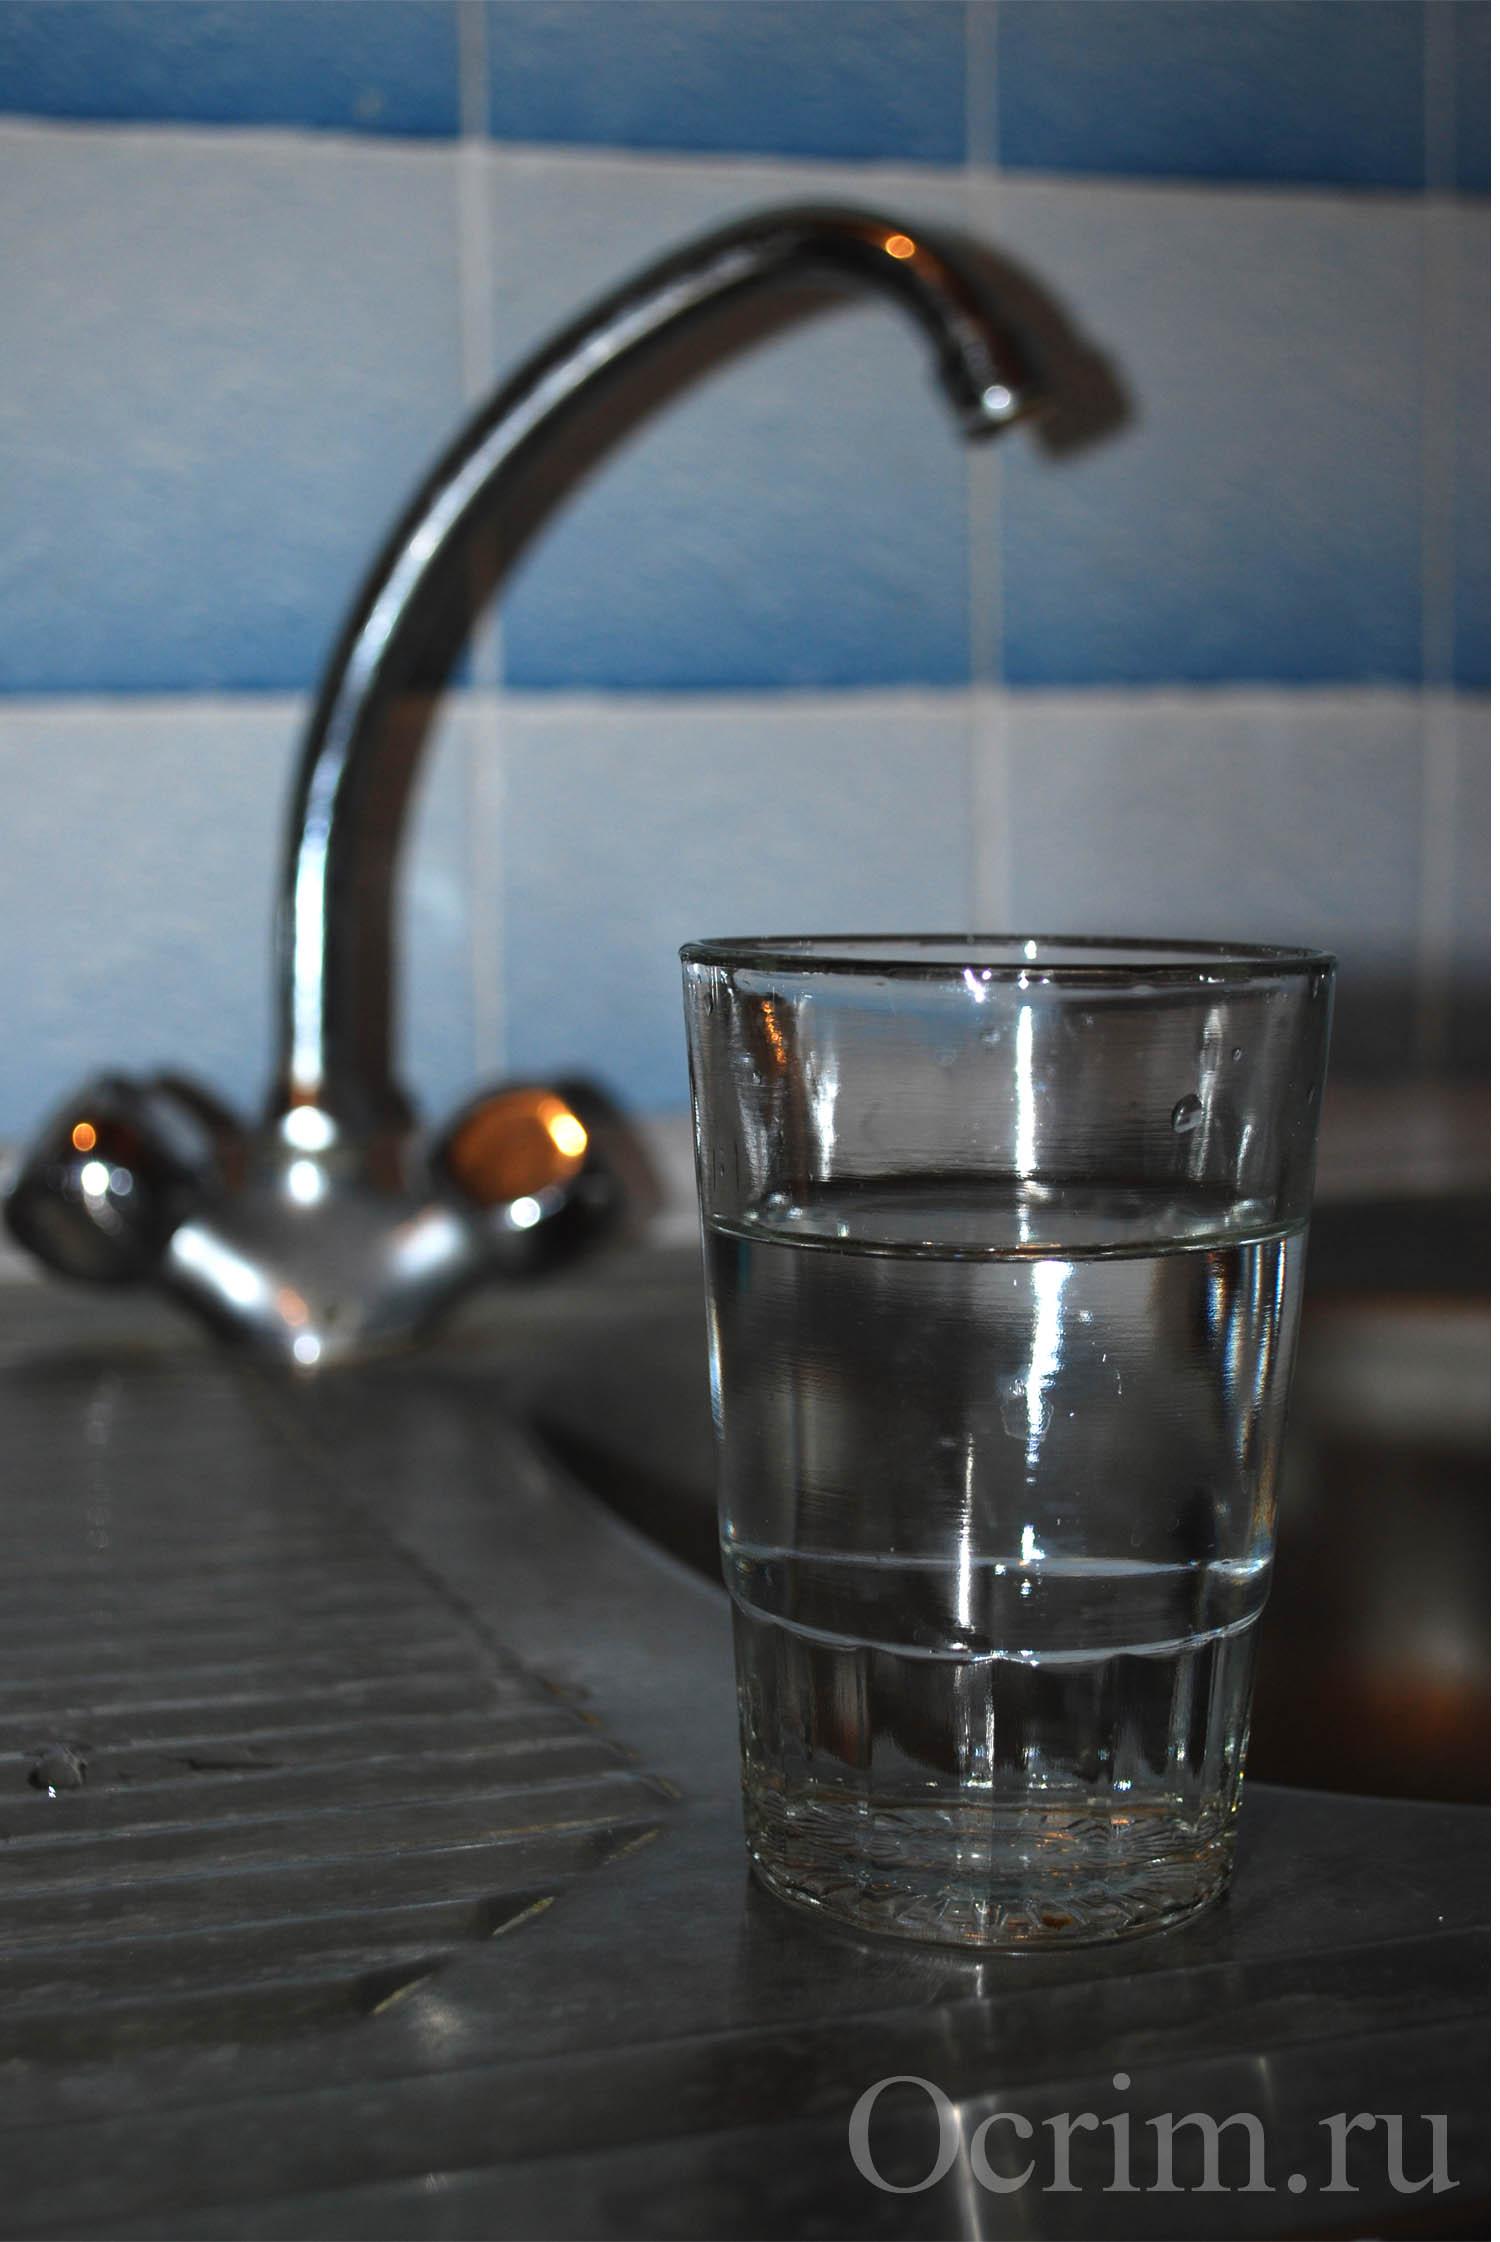 вода из водоканала Судака